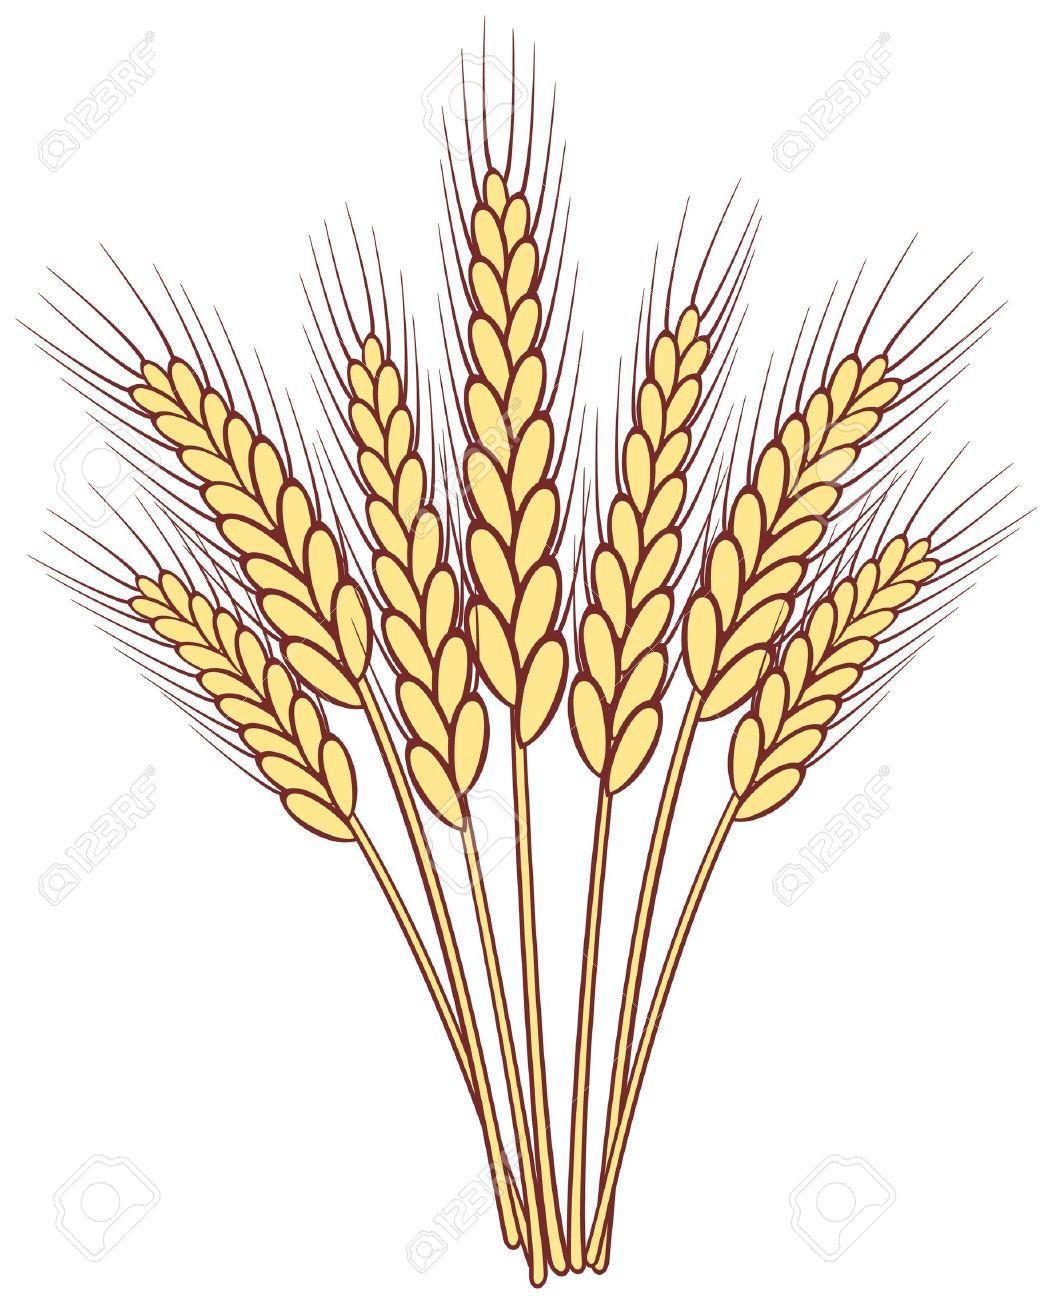 Clipart épi de blé.